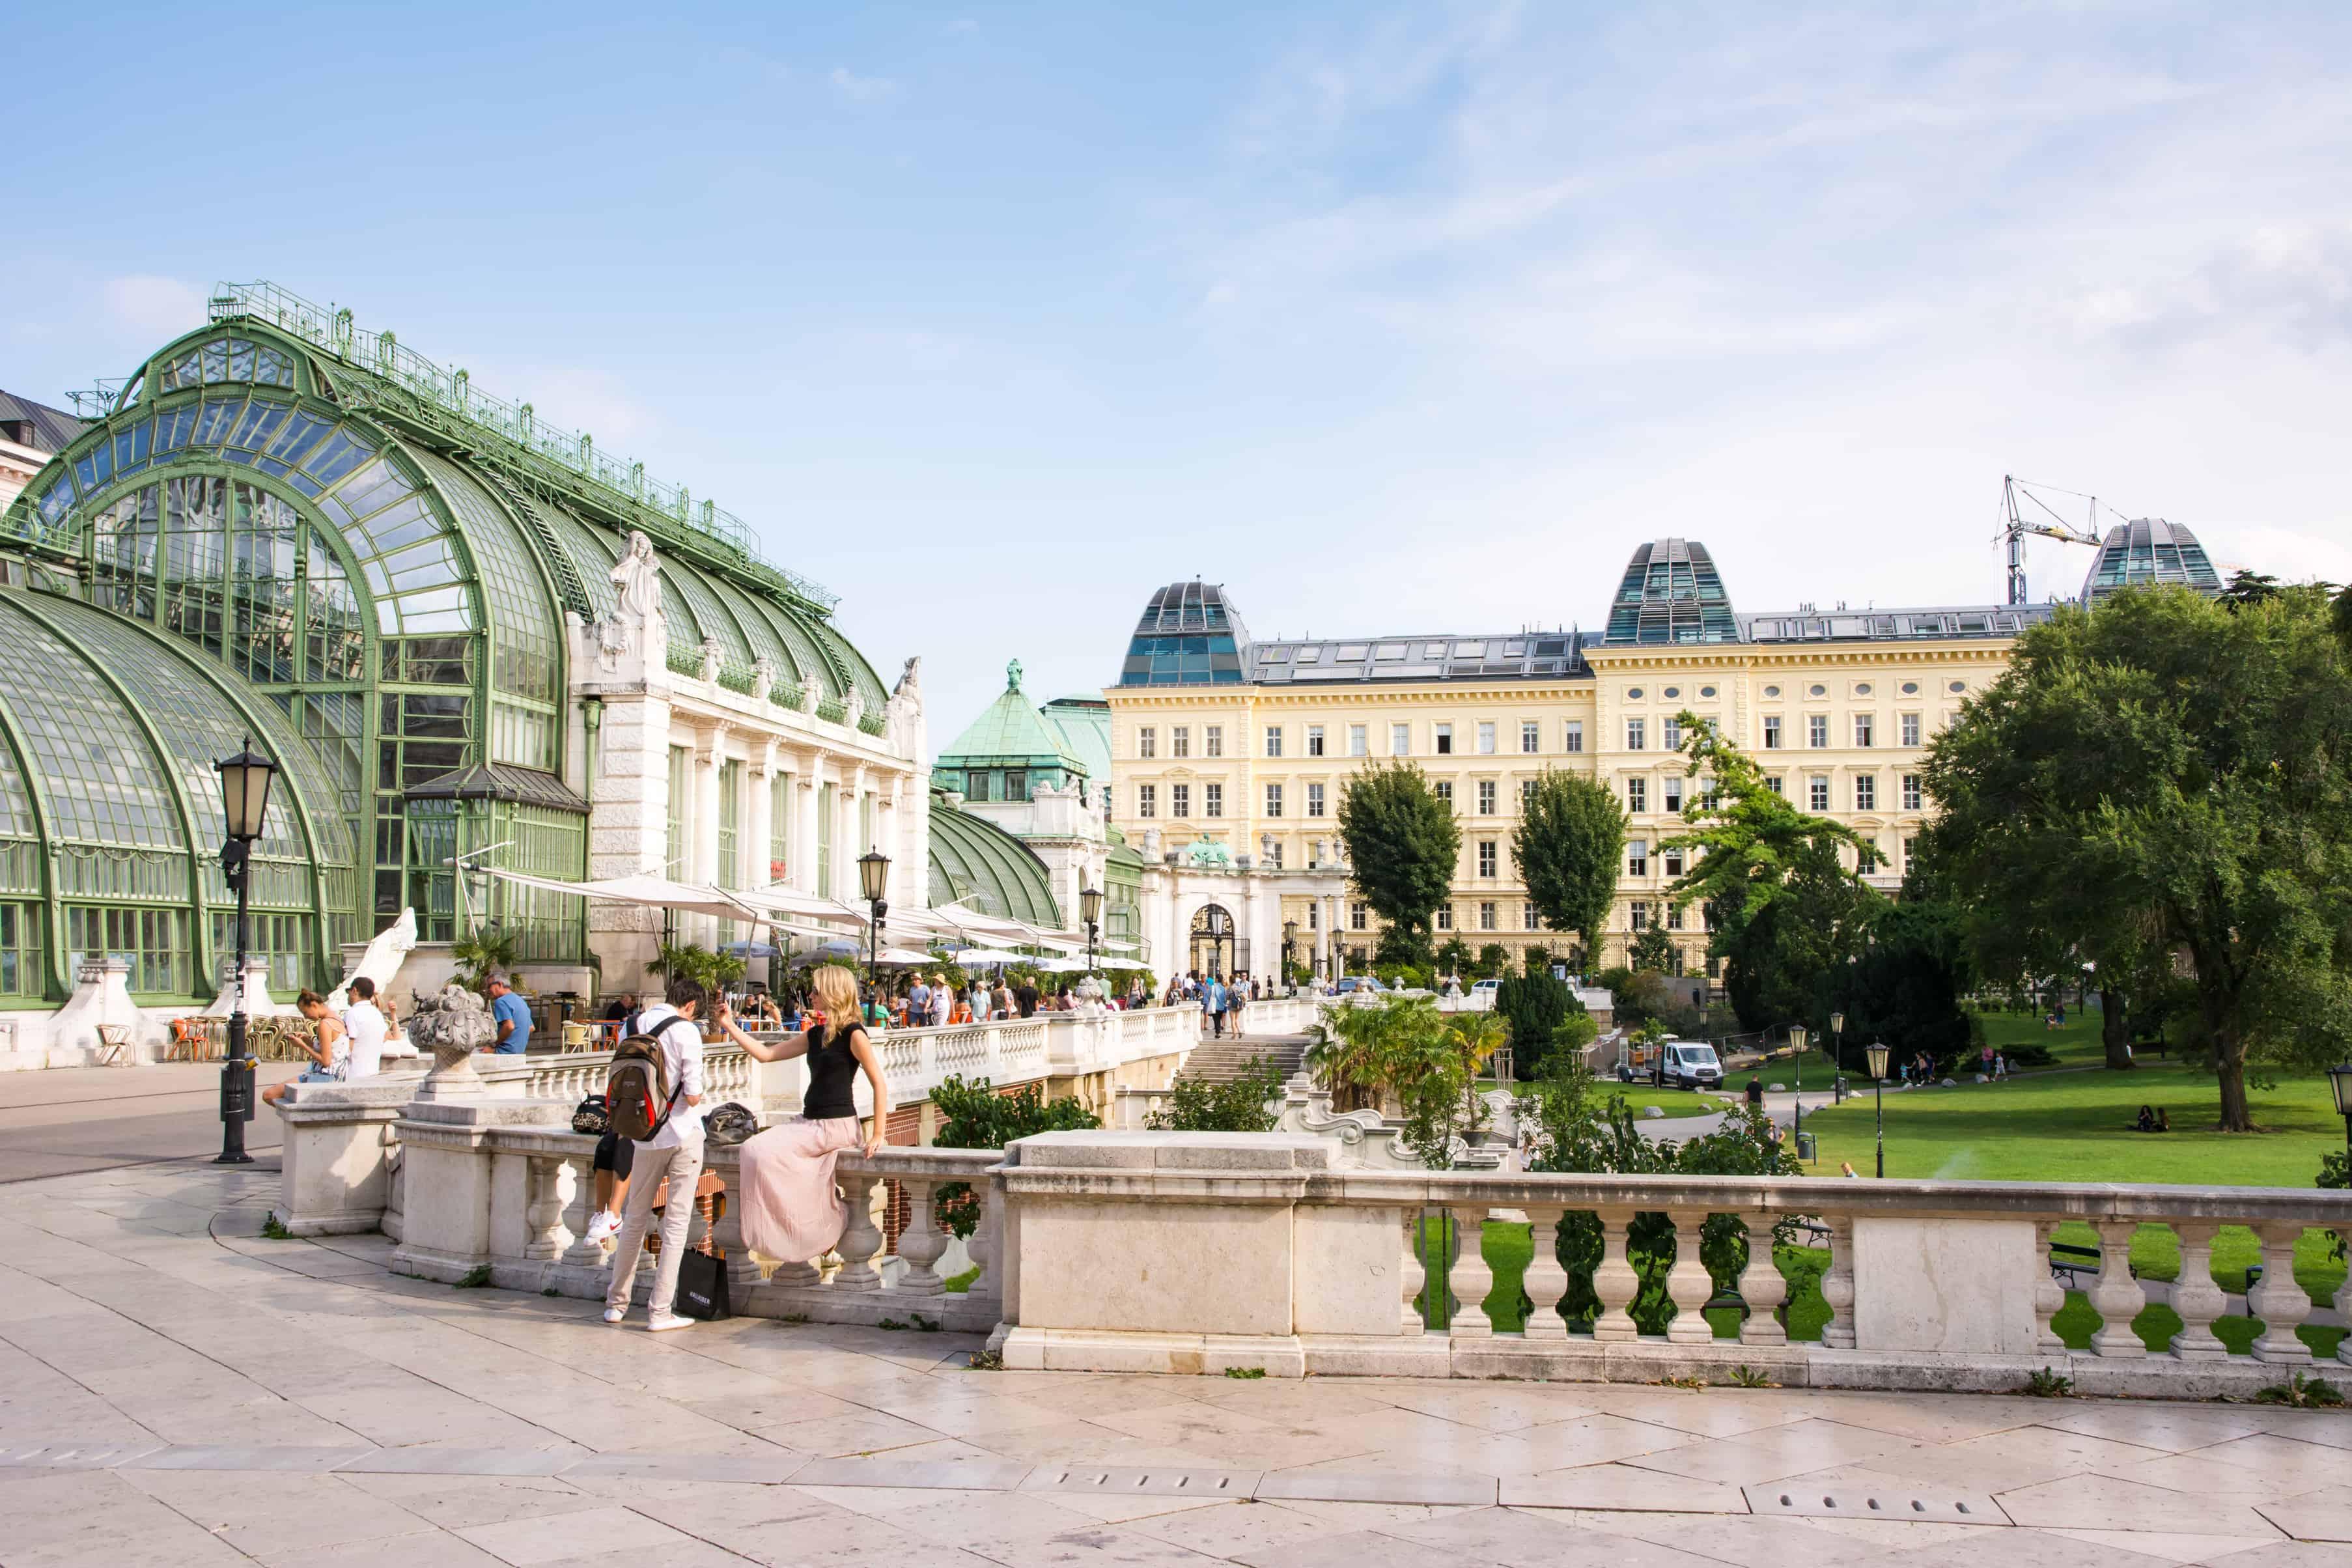 Toeristen in het Burggarten park achter het Hofburg paleis in Wenen, Oostenrijk